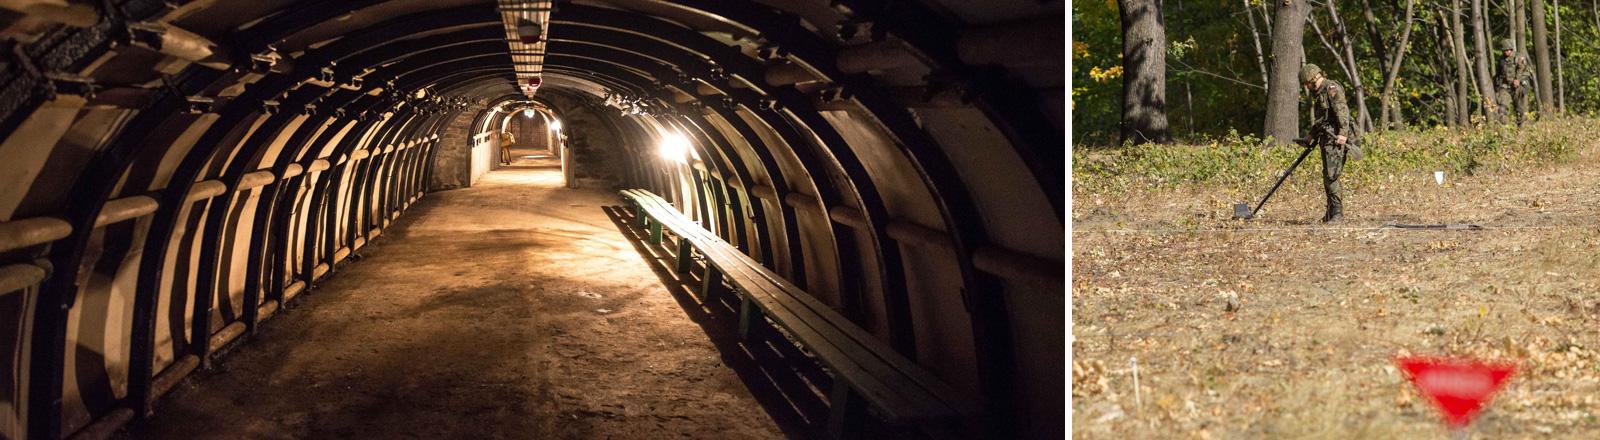 Ein alter Minentunnel in Walbrzych in Polen. Hier in der Nähe wird der Goldzug vermutet. Daneben ein Mann mit Suchgerät.